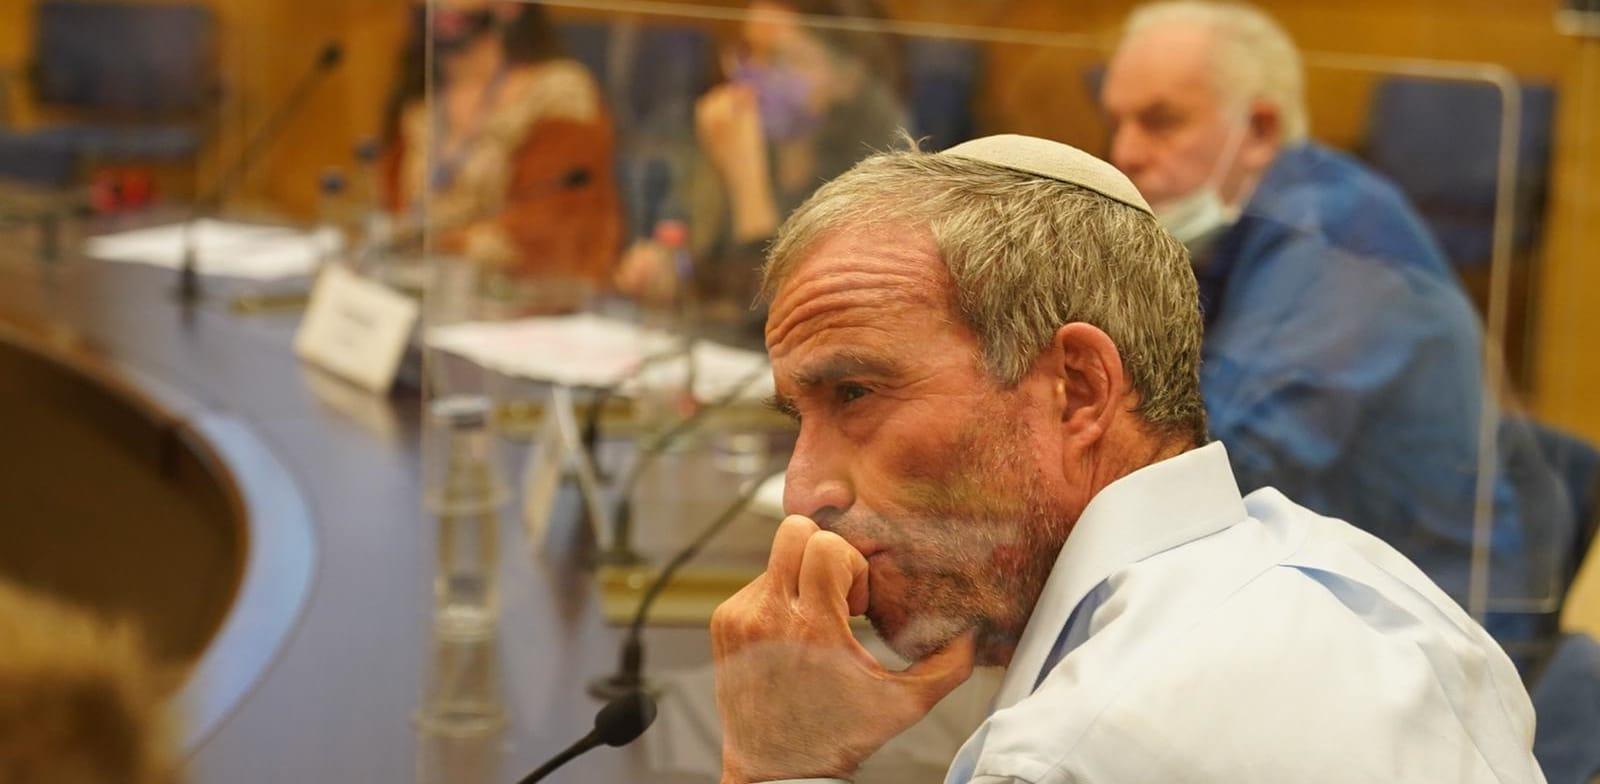 אלעזר שטרן / צילום: דוברות הכנסת